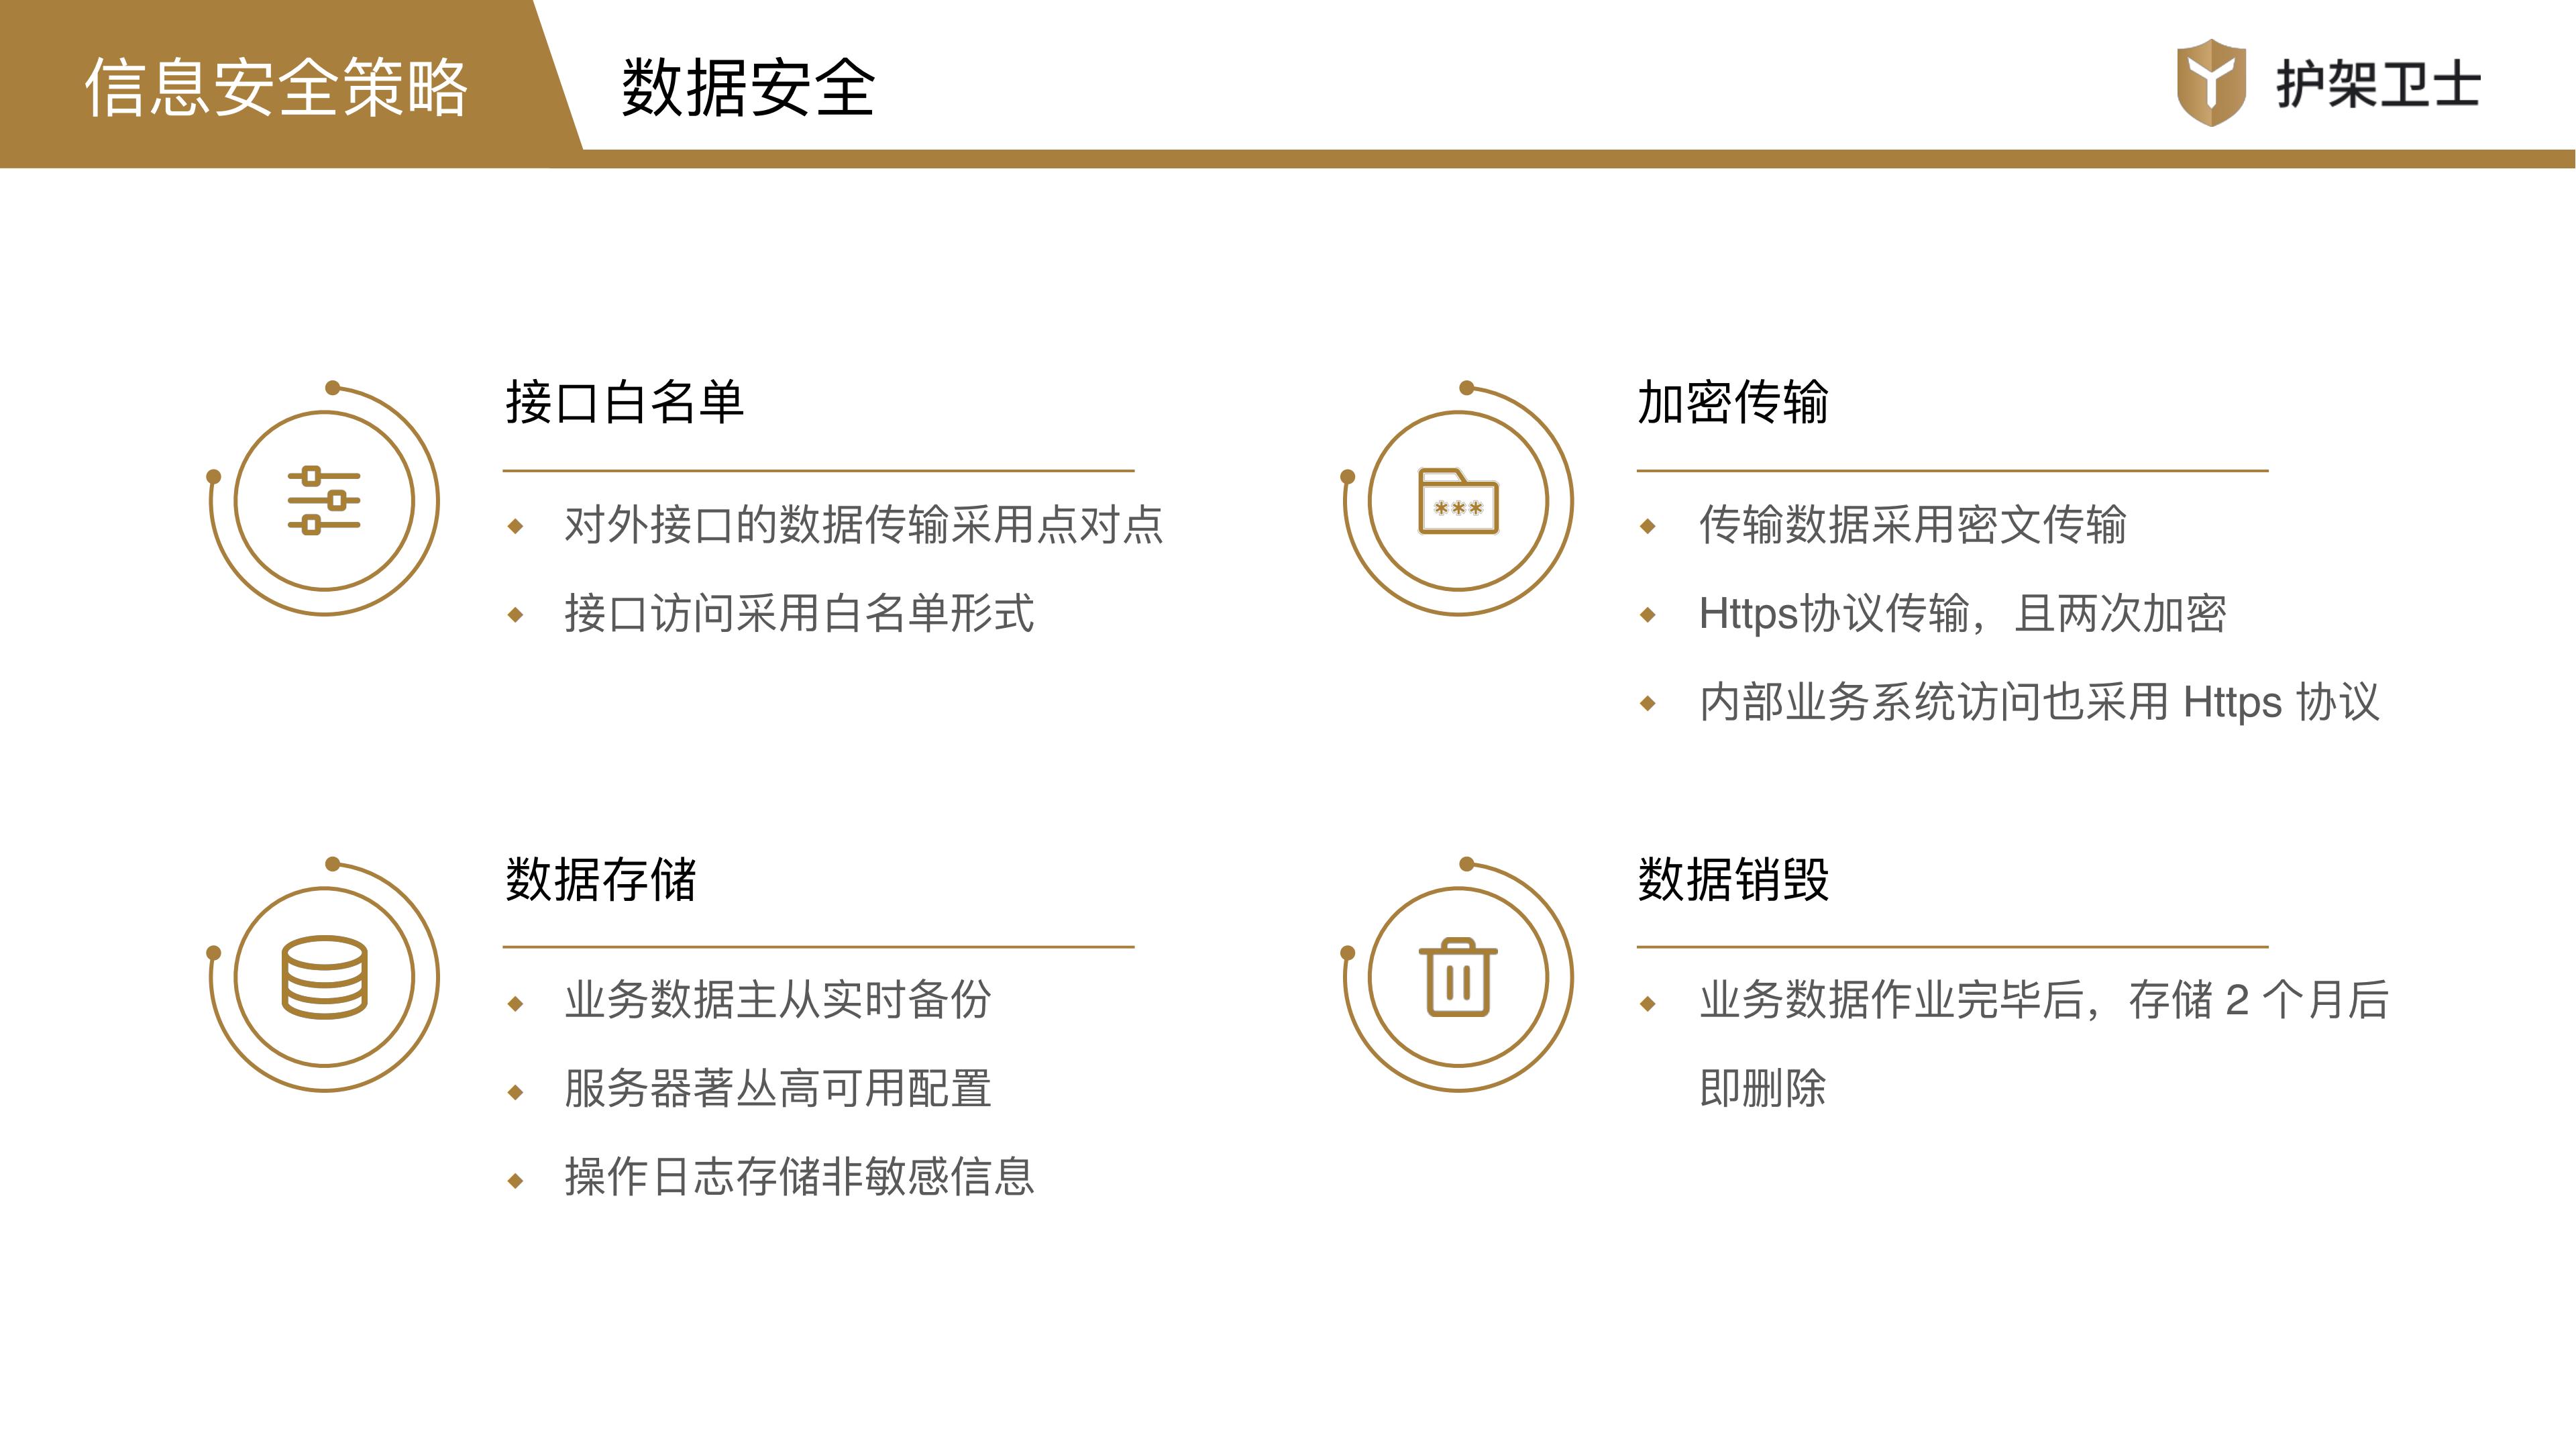 护架卫士产品介绍1.2_18.png